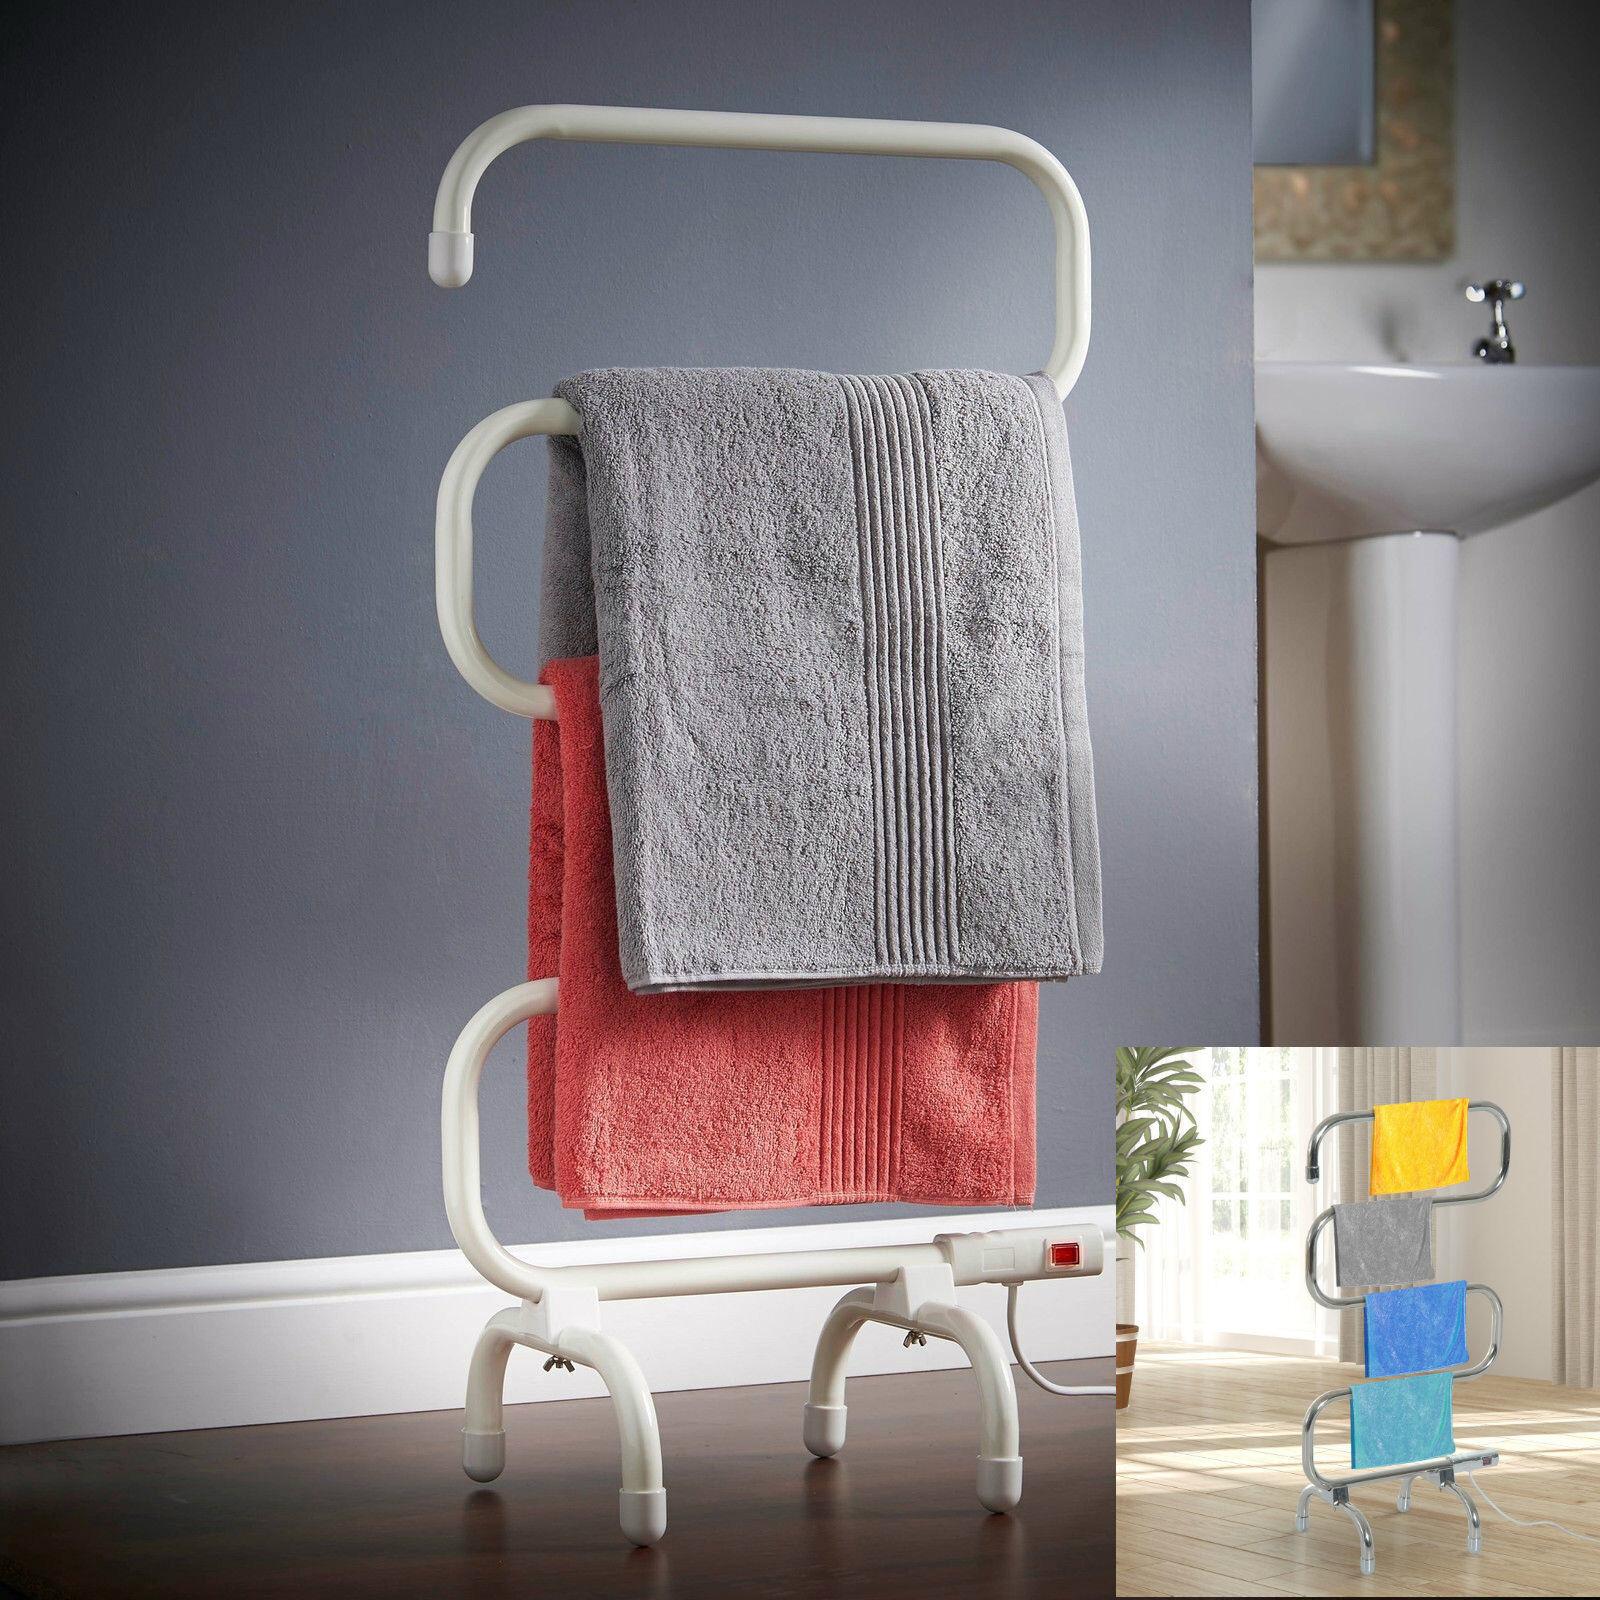 Debout Prise en Chauffant électrique Portable Serviette Vêtements Rail Linge UK